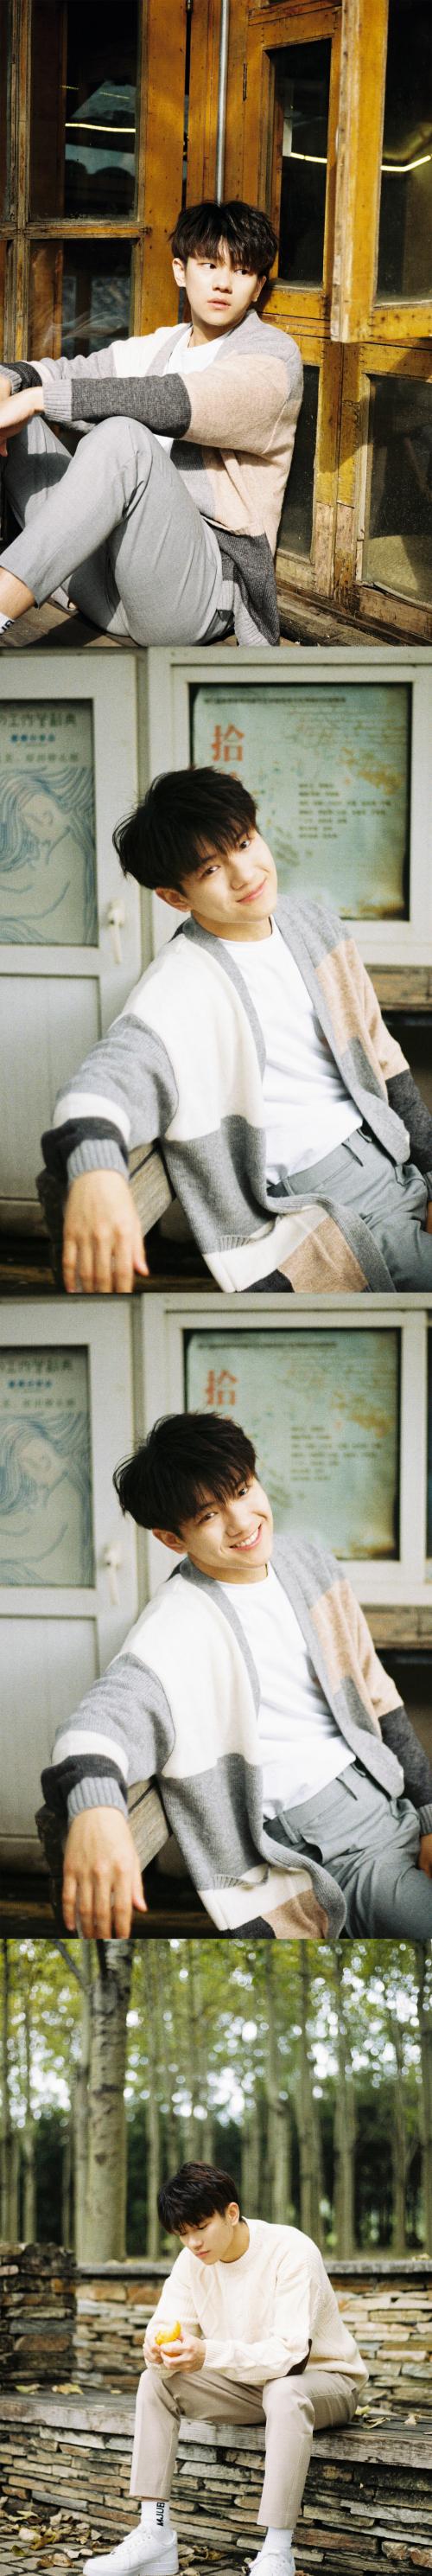 来看看新人演员@张帆_Fannn 的最新写真吧